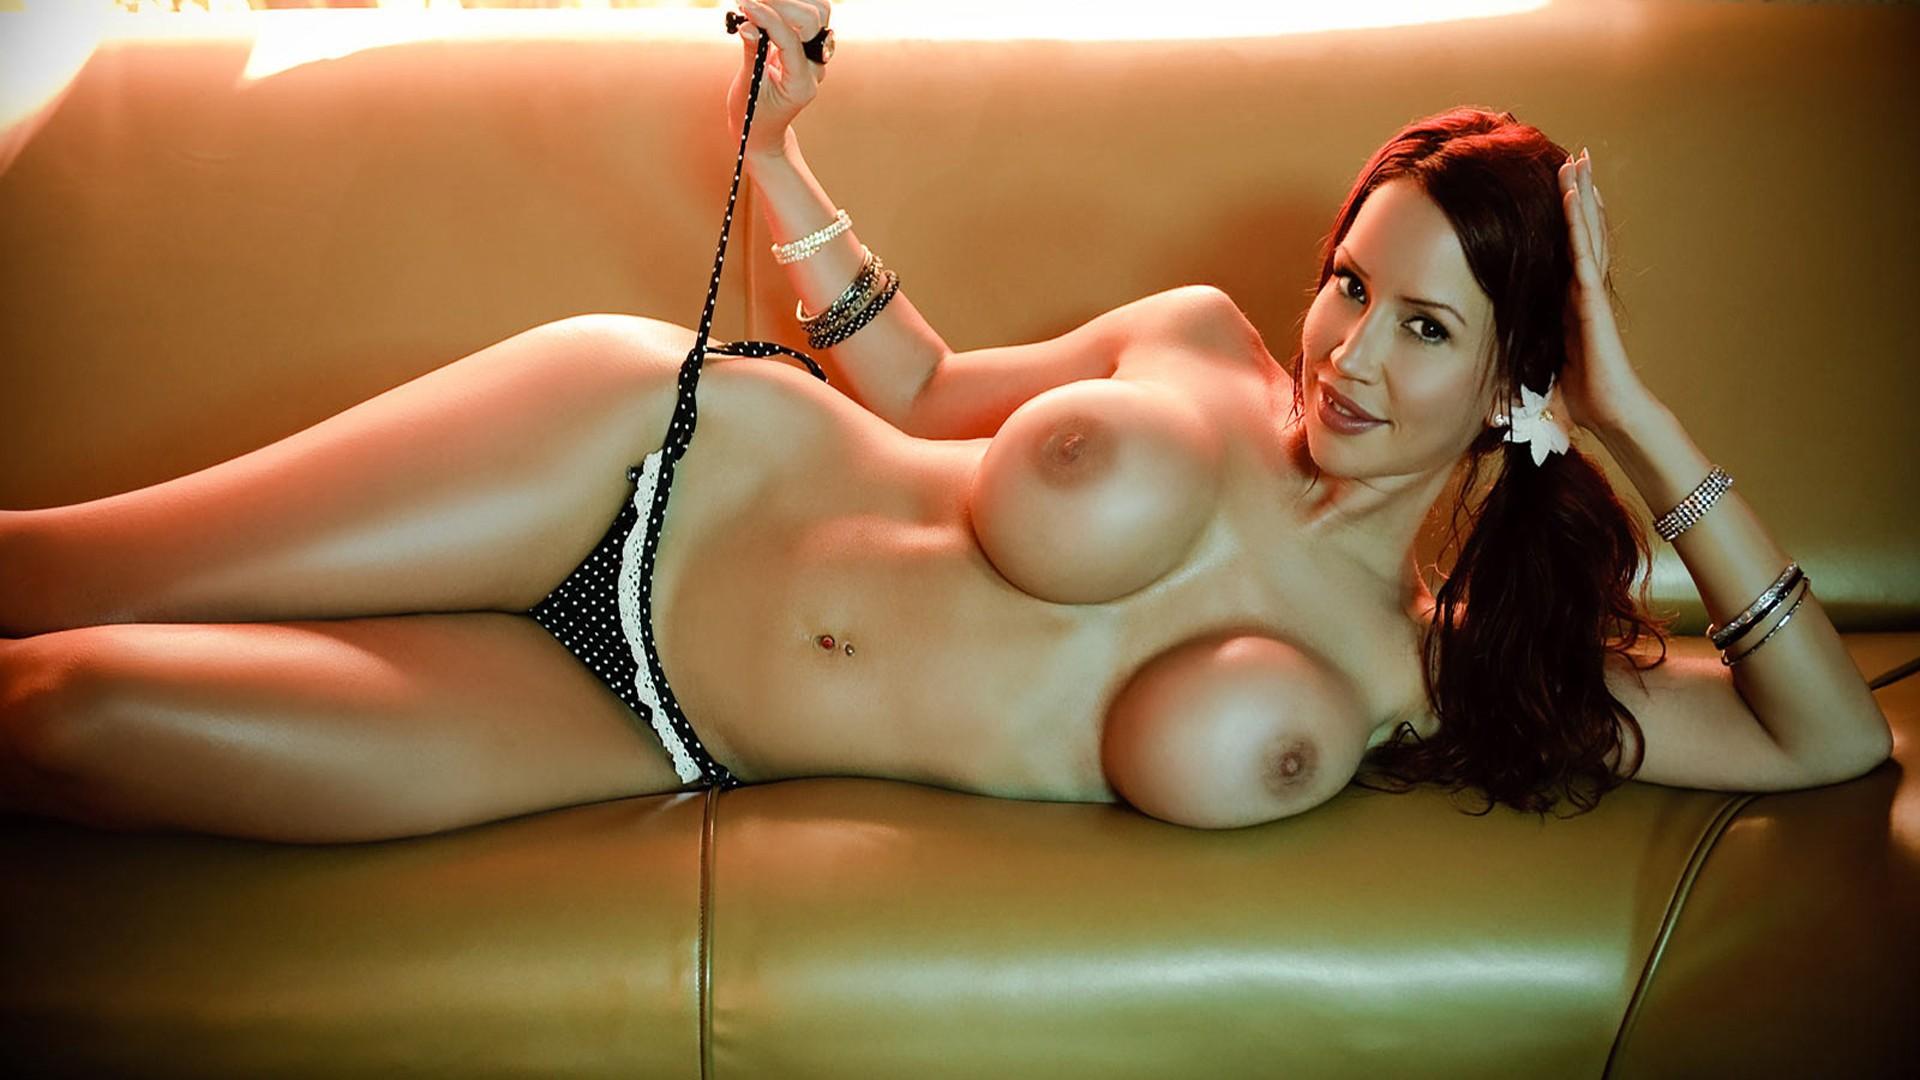 Bianka knight nude xxx clip